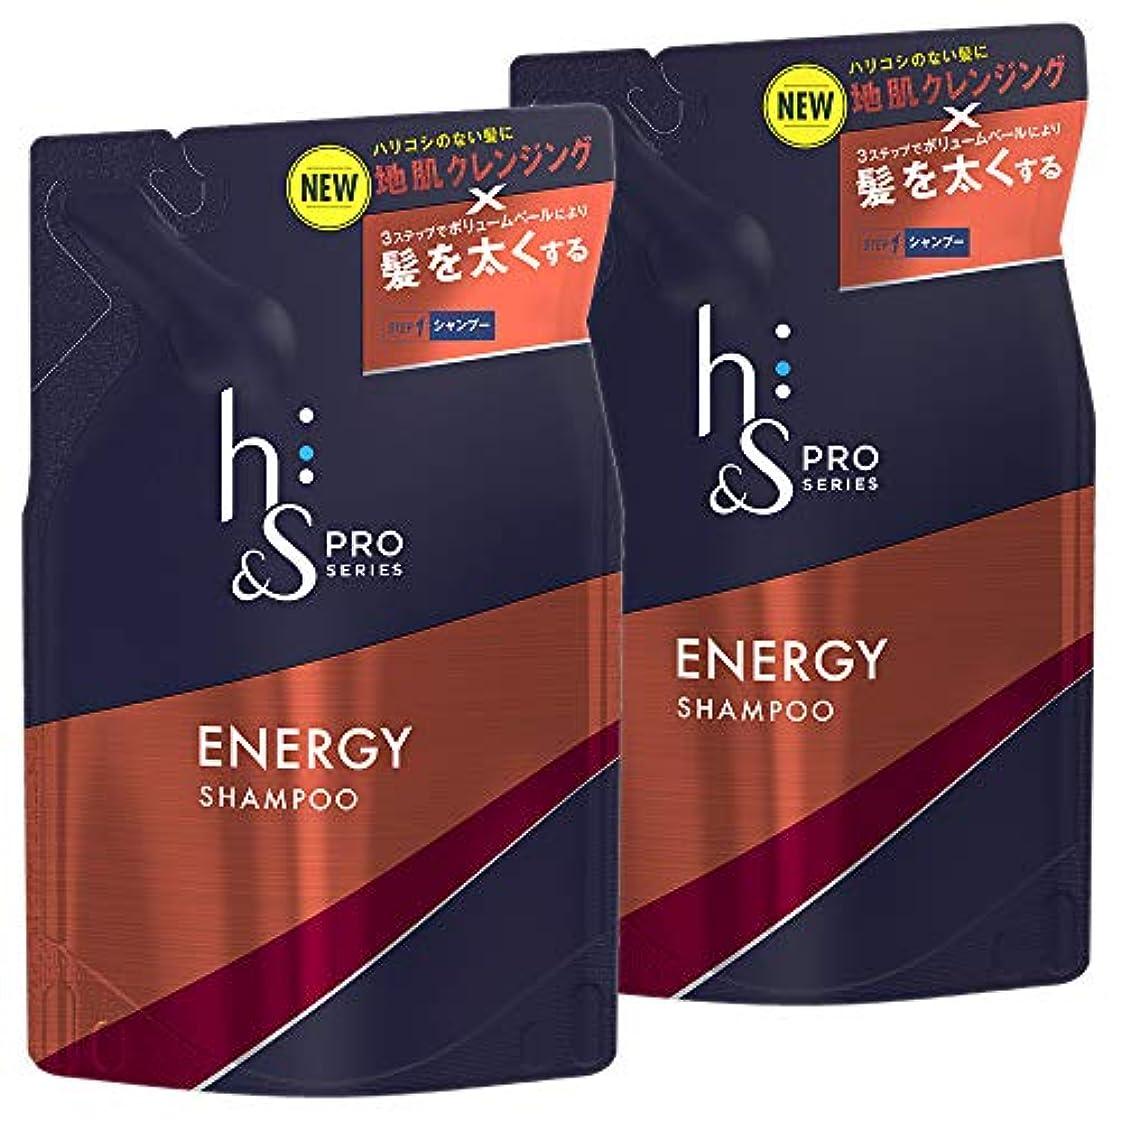 モードリン反対する並外れた【まとめ買い】 h&s for men シャンプー PRO Series エナジー 詰め替え 300mL×2個